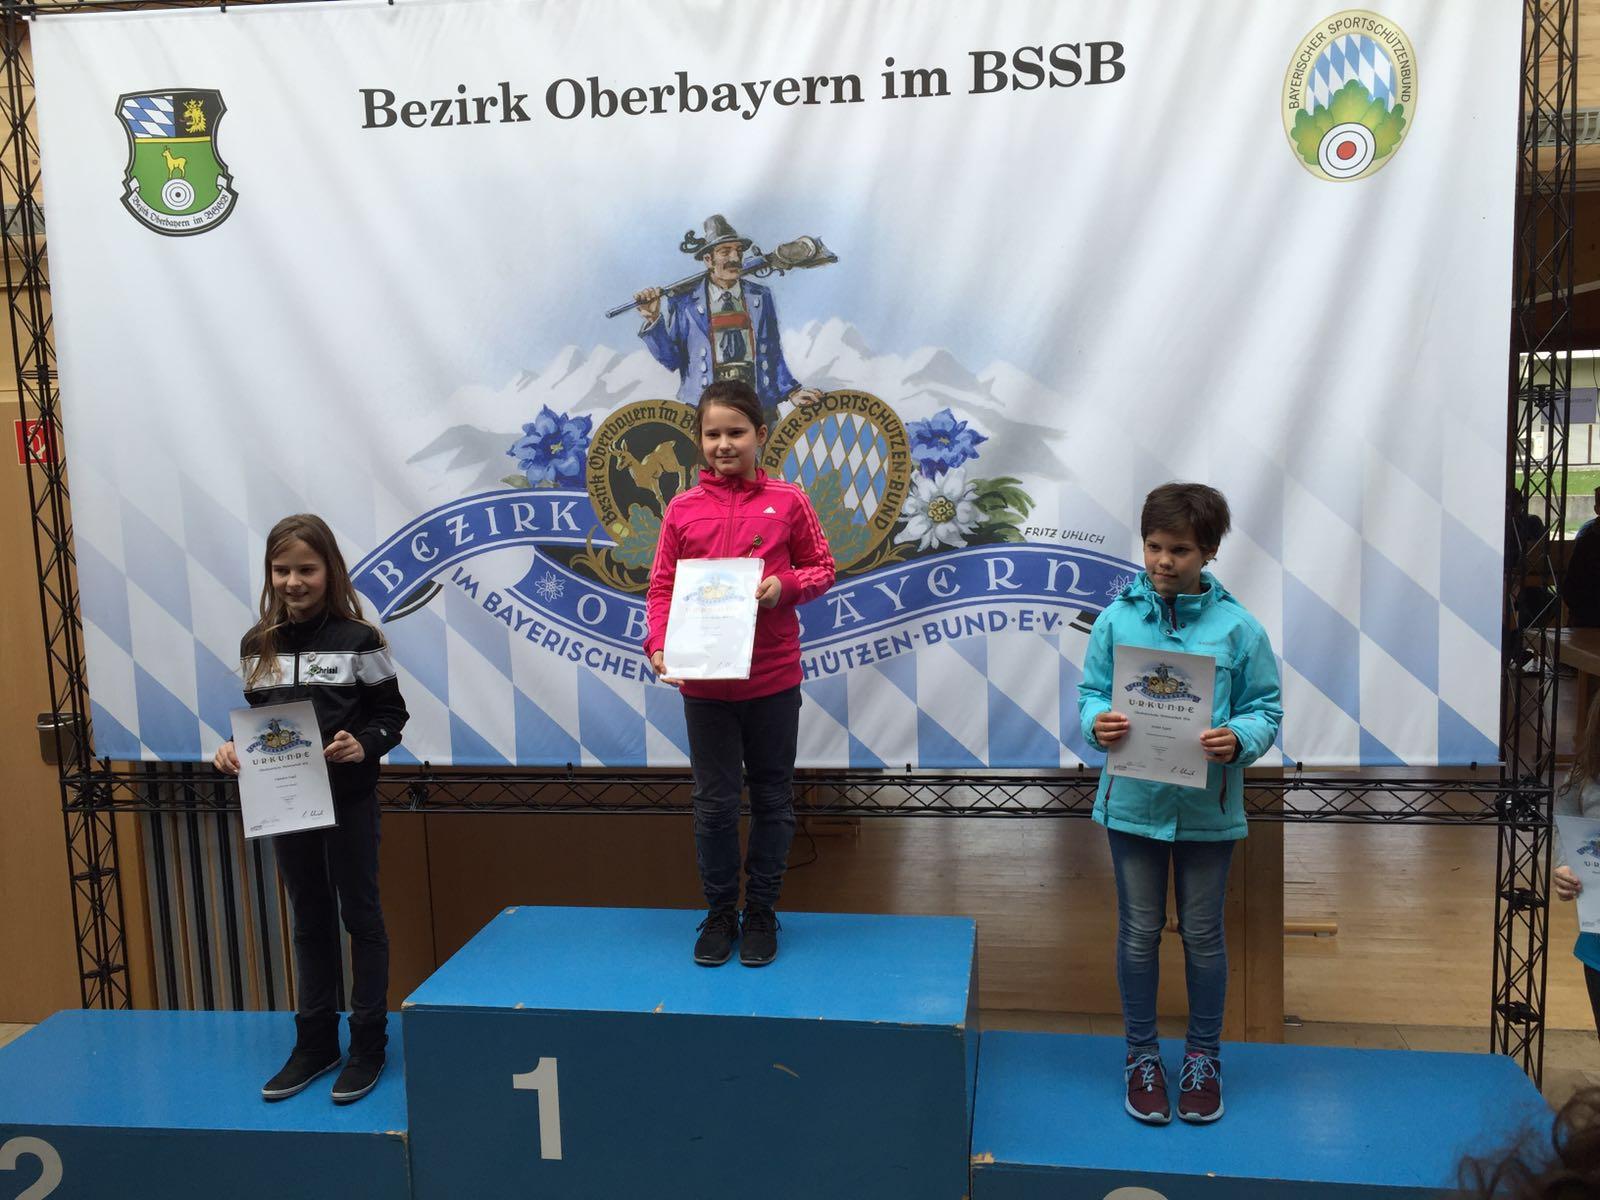 Oberbayrische Meisterschaft 2016